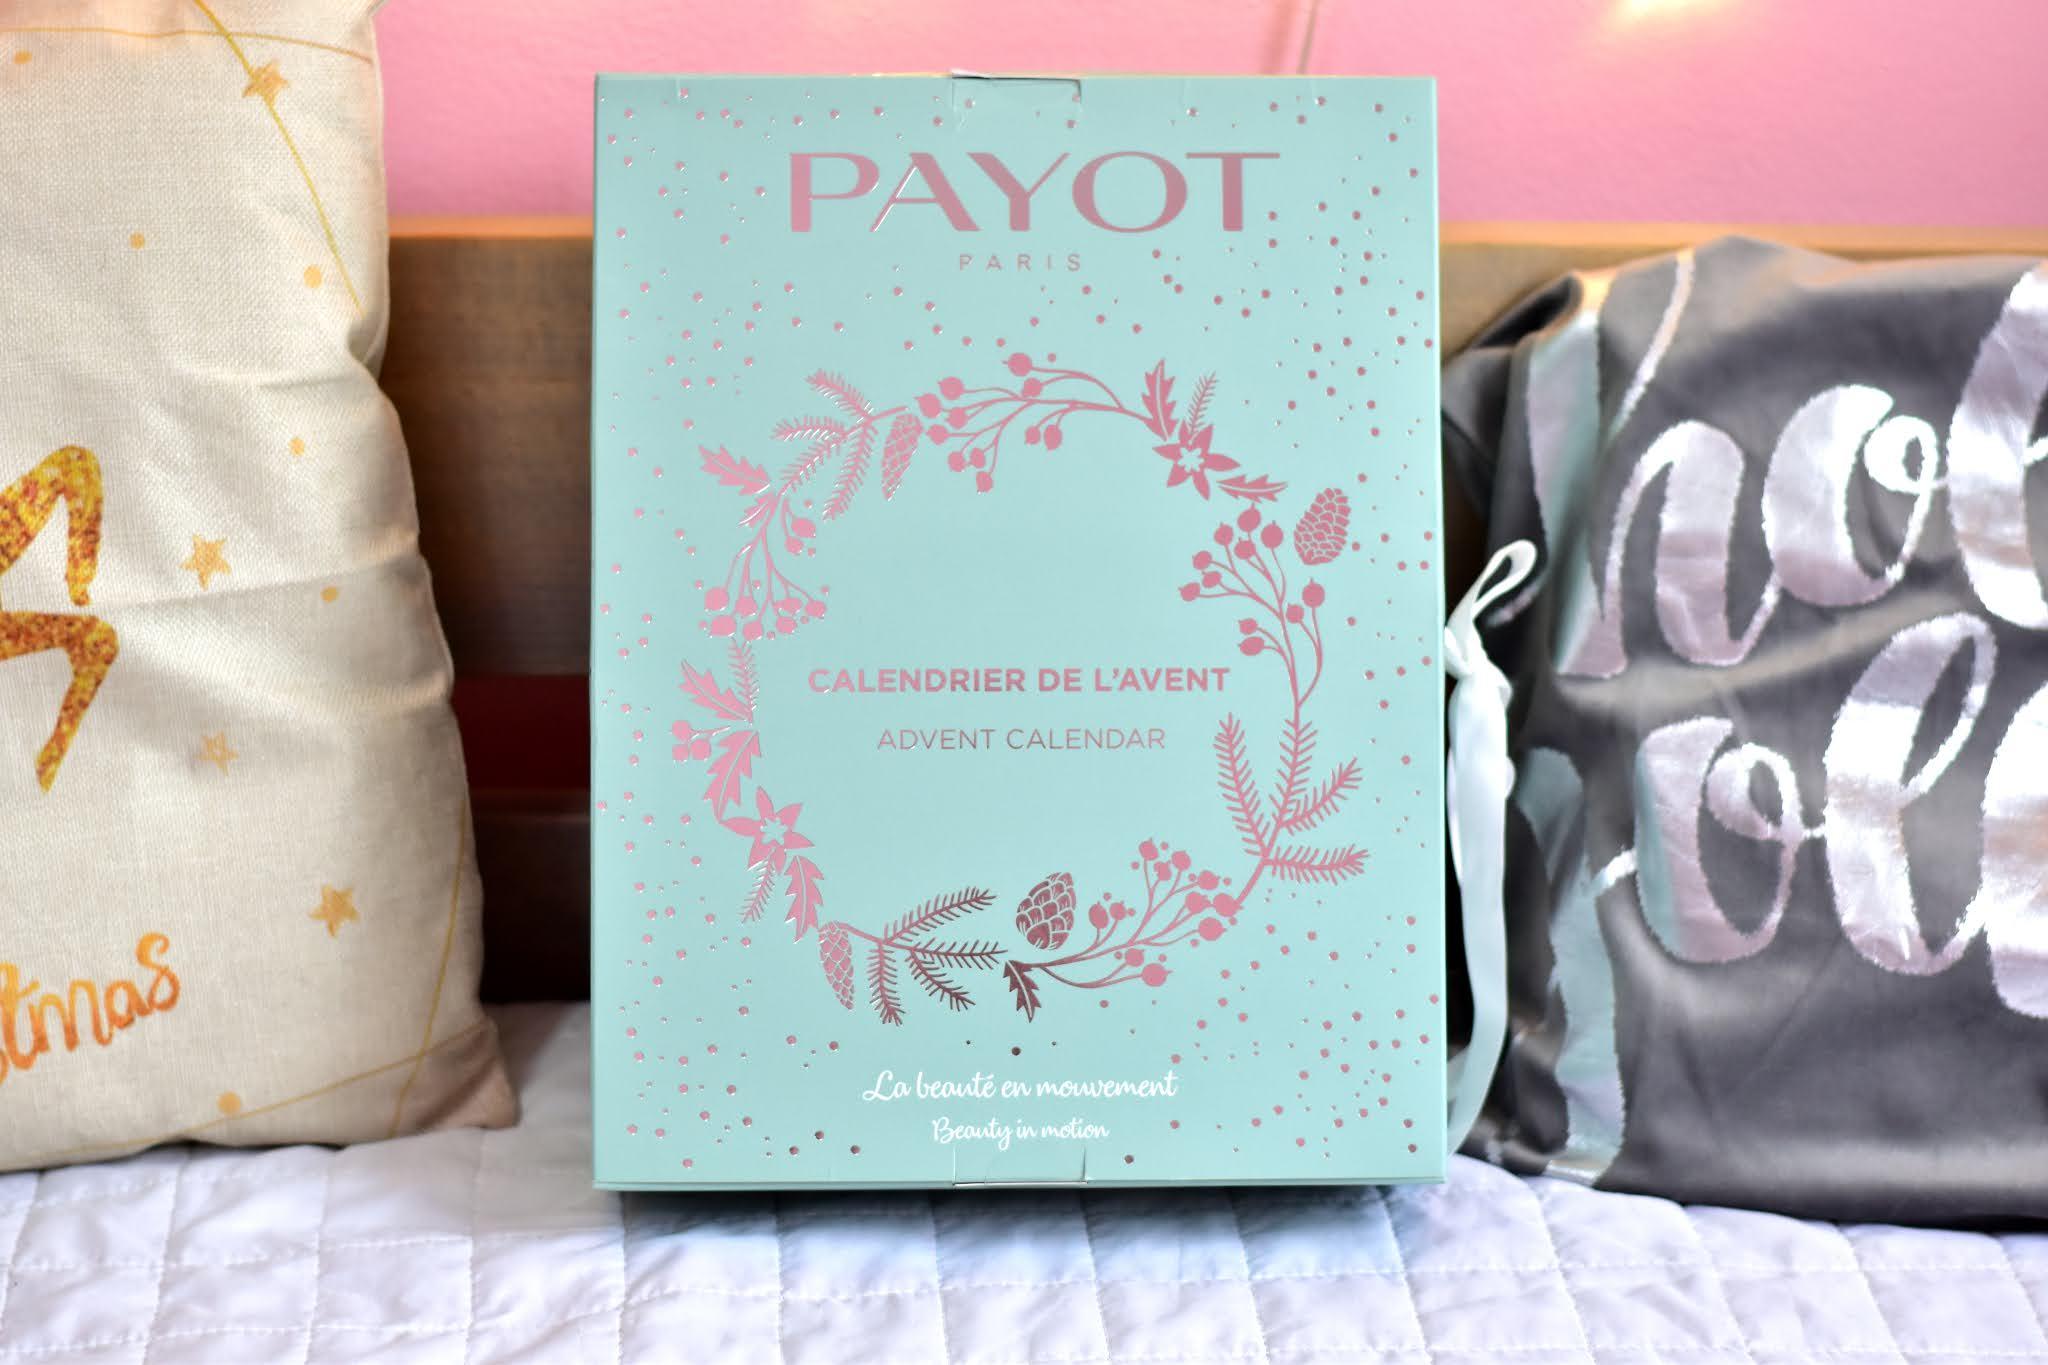 Payot adventný kalendár